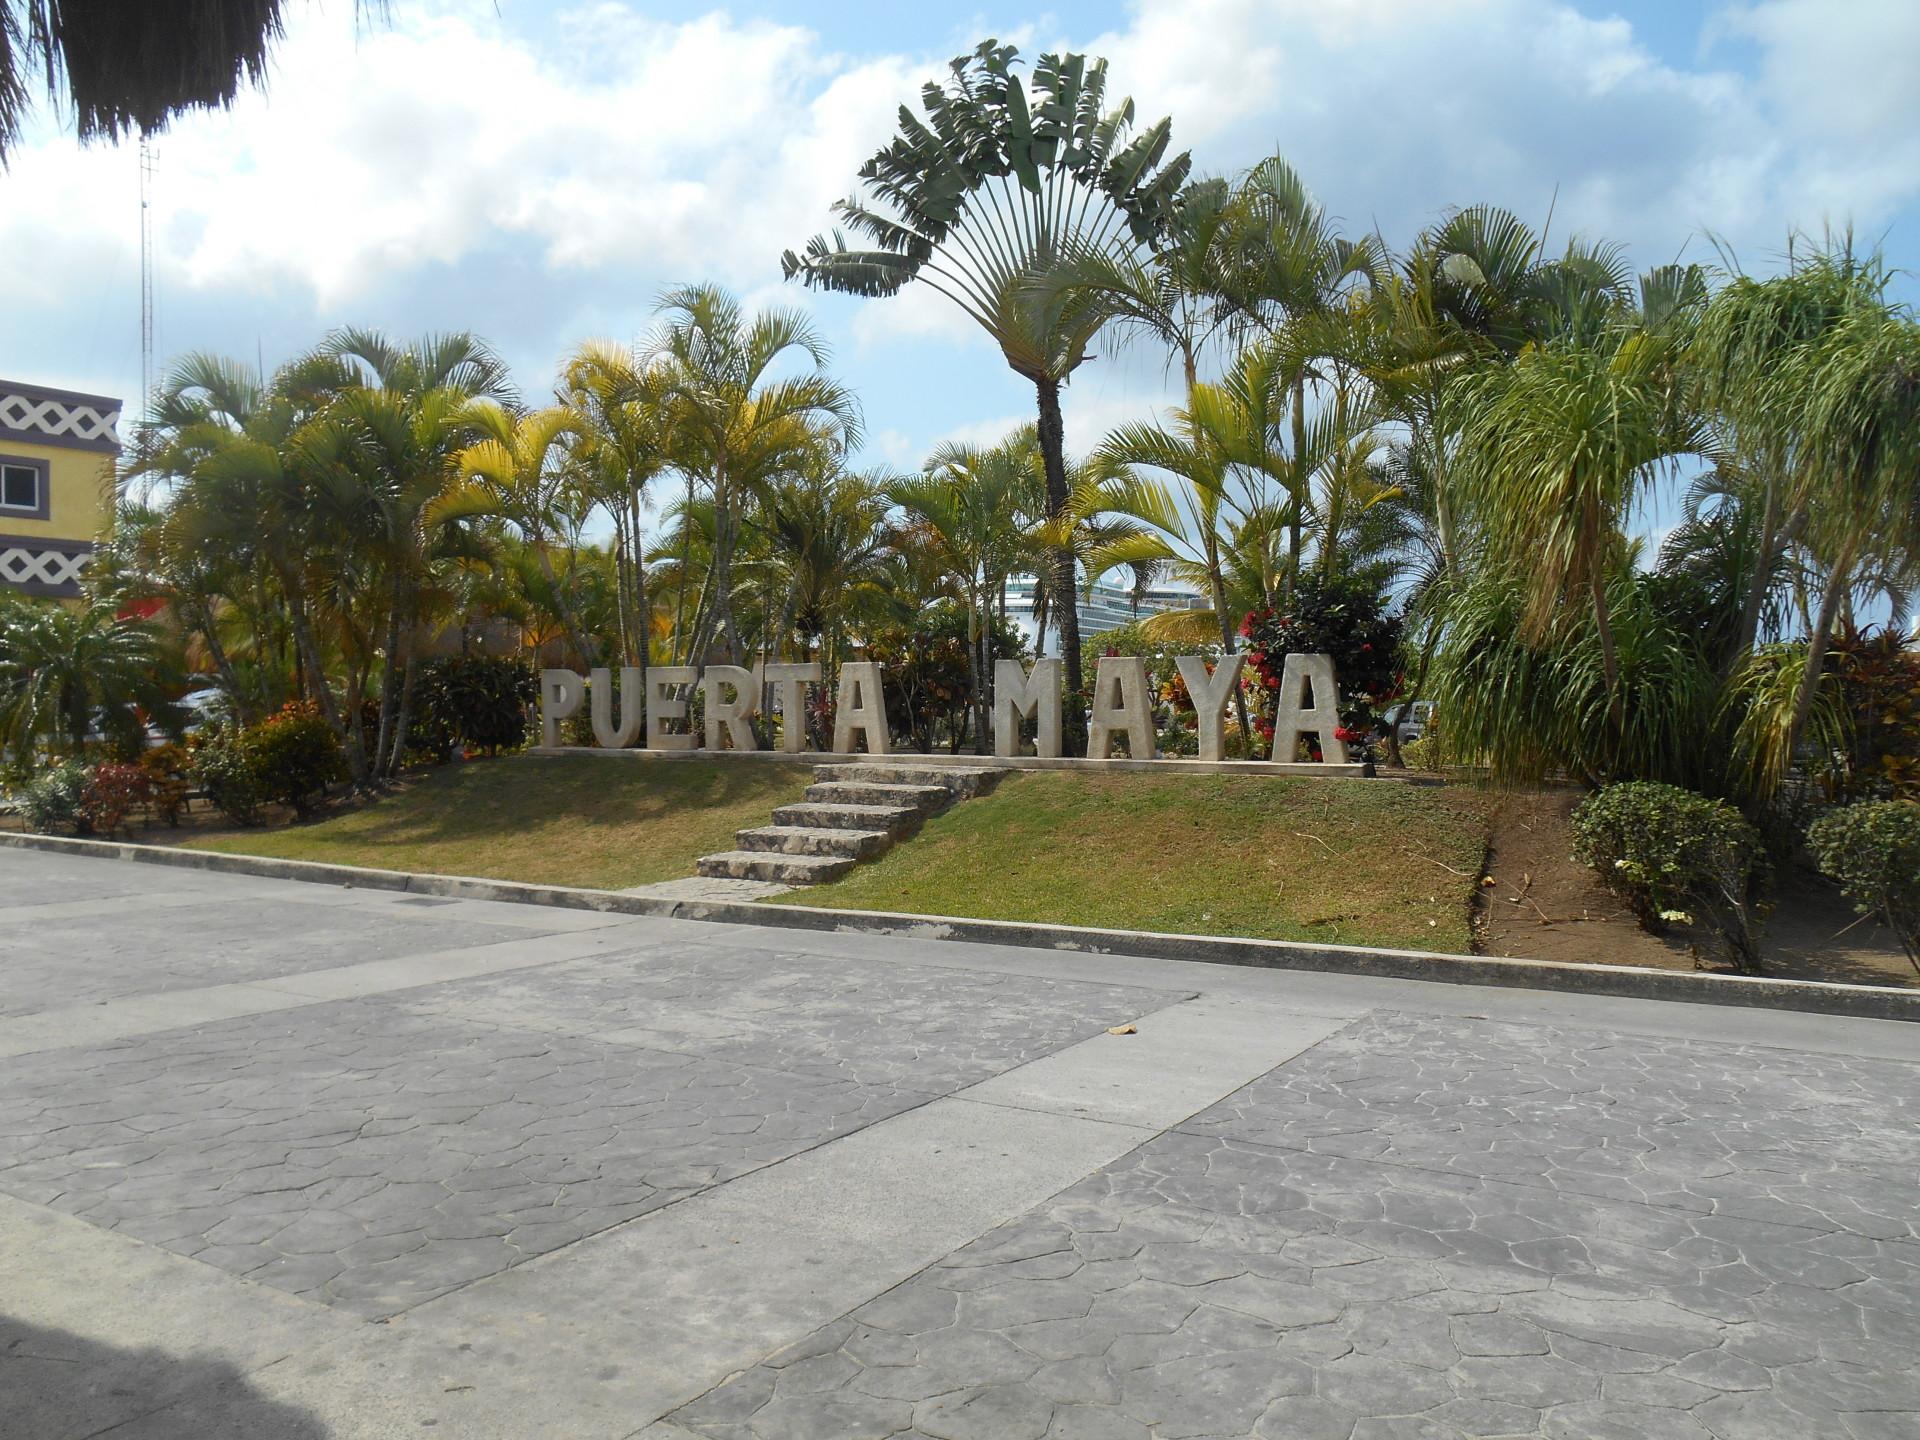 Puerta Maya